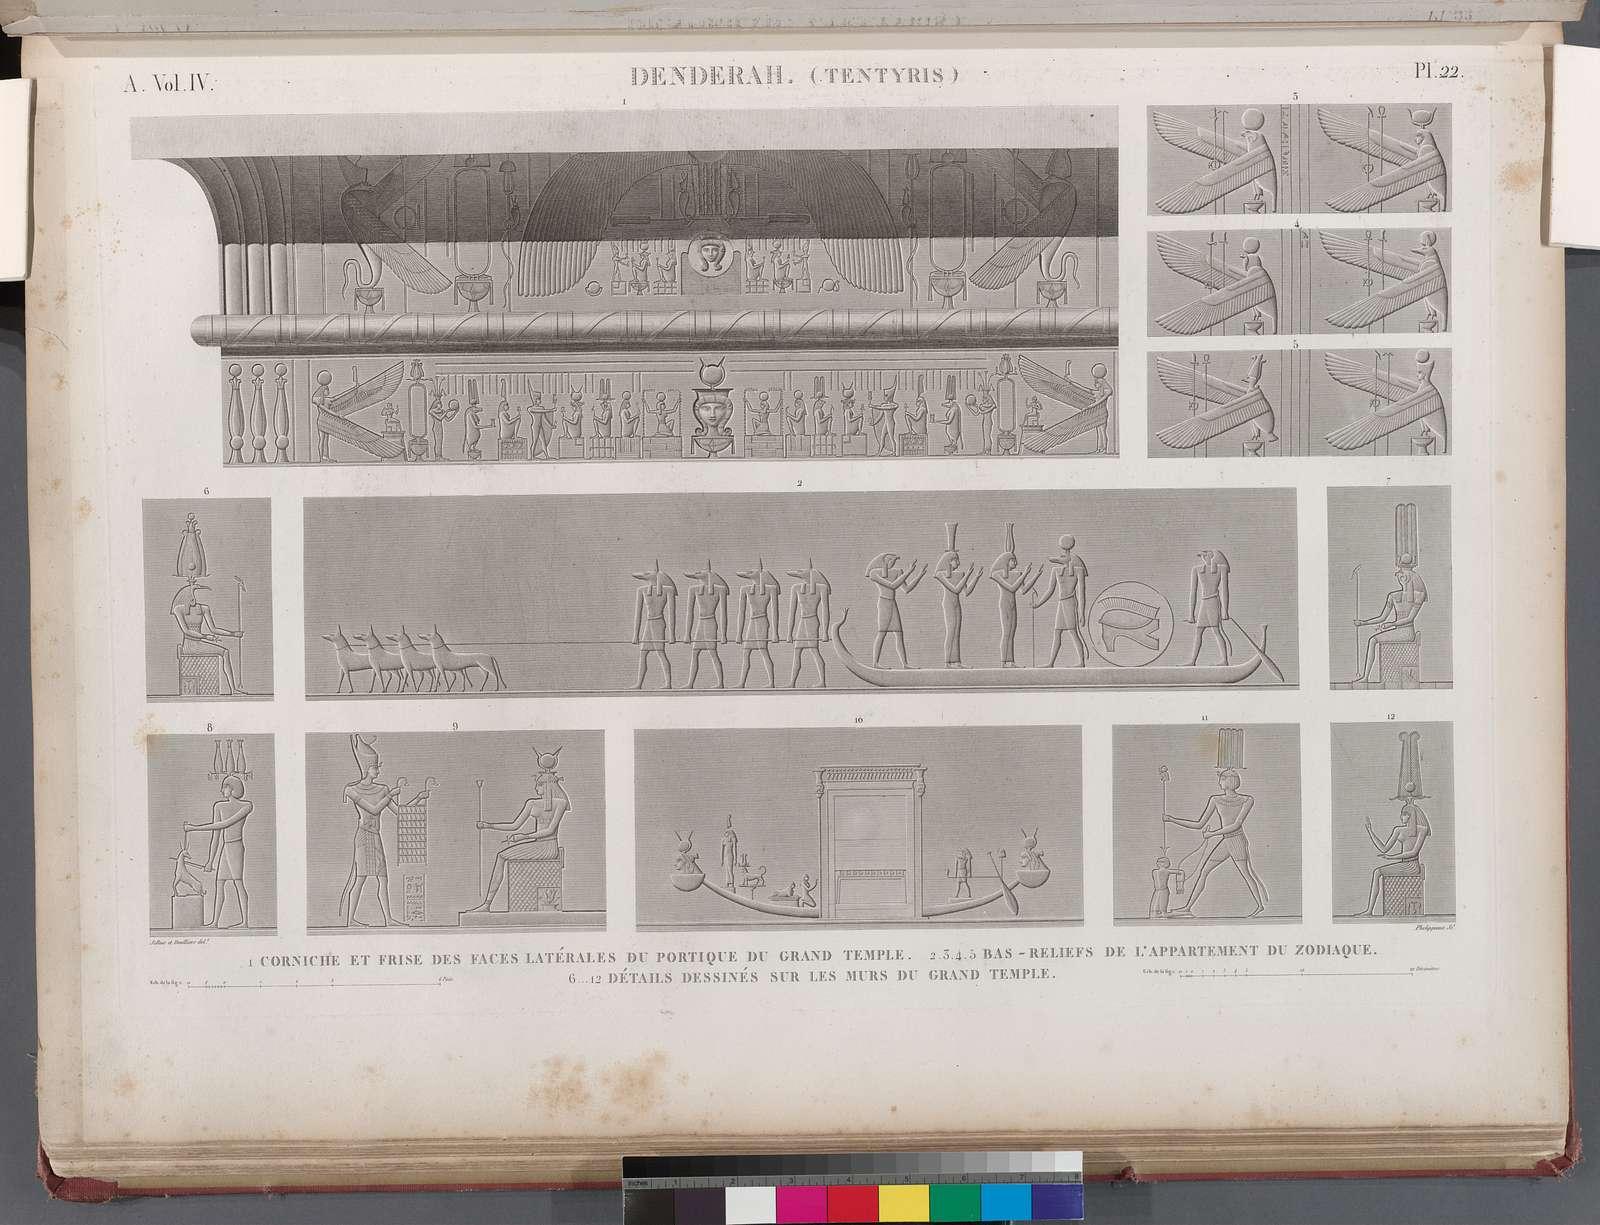 Denderah [Dandara] (Tentyris). 1. Corniche et frise des faces latérales du portique du Grand Temple; 2-5. Bas-reliefs de l'appartement du Zodiaque; 6-12. Détails dessinés sur les murs du Grand Temple.